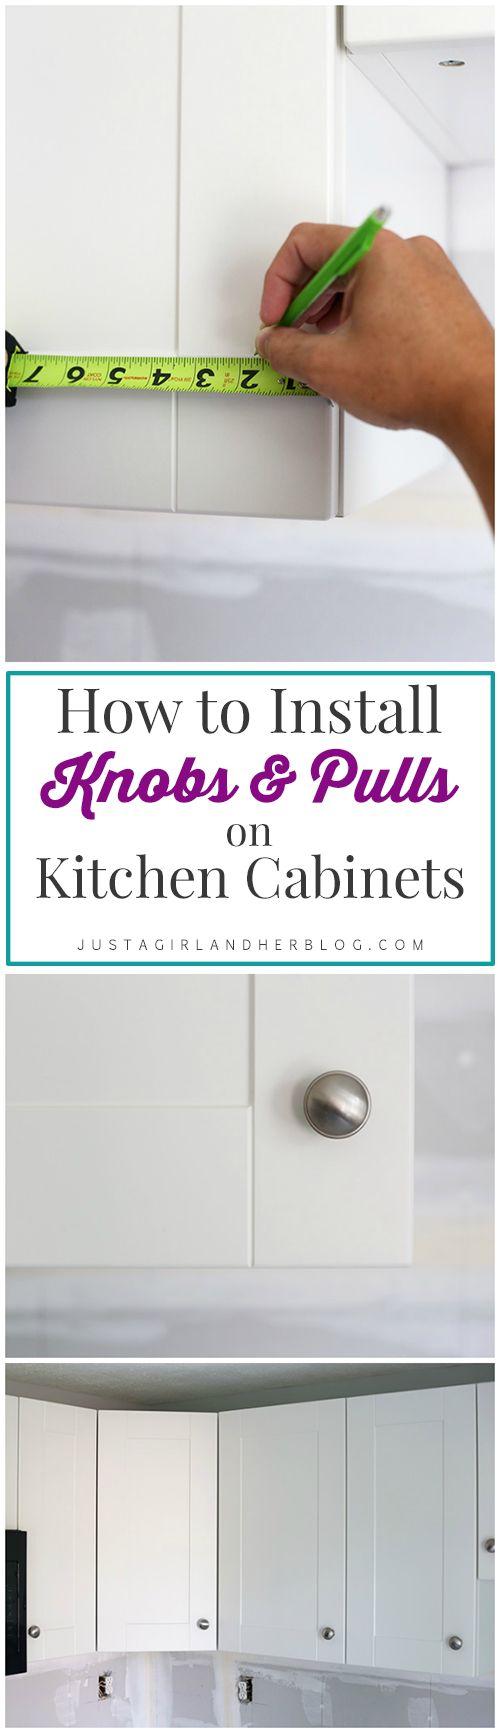 hardware kitchen cabinet hardware Kitchen Progress and Hardware Installation